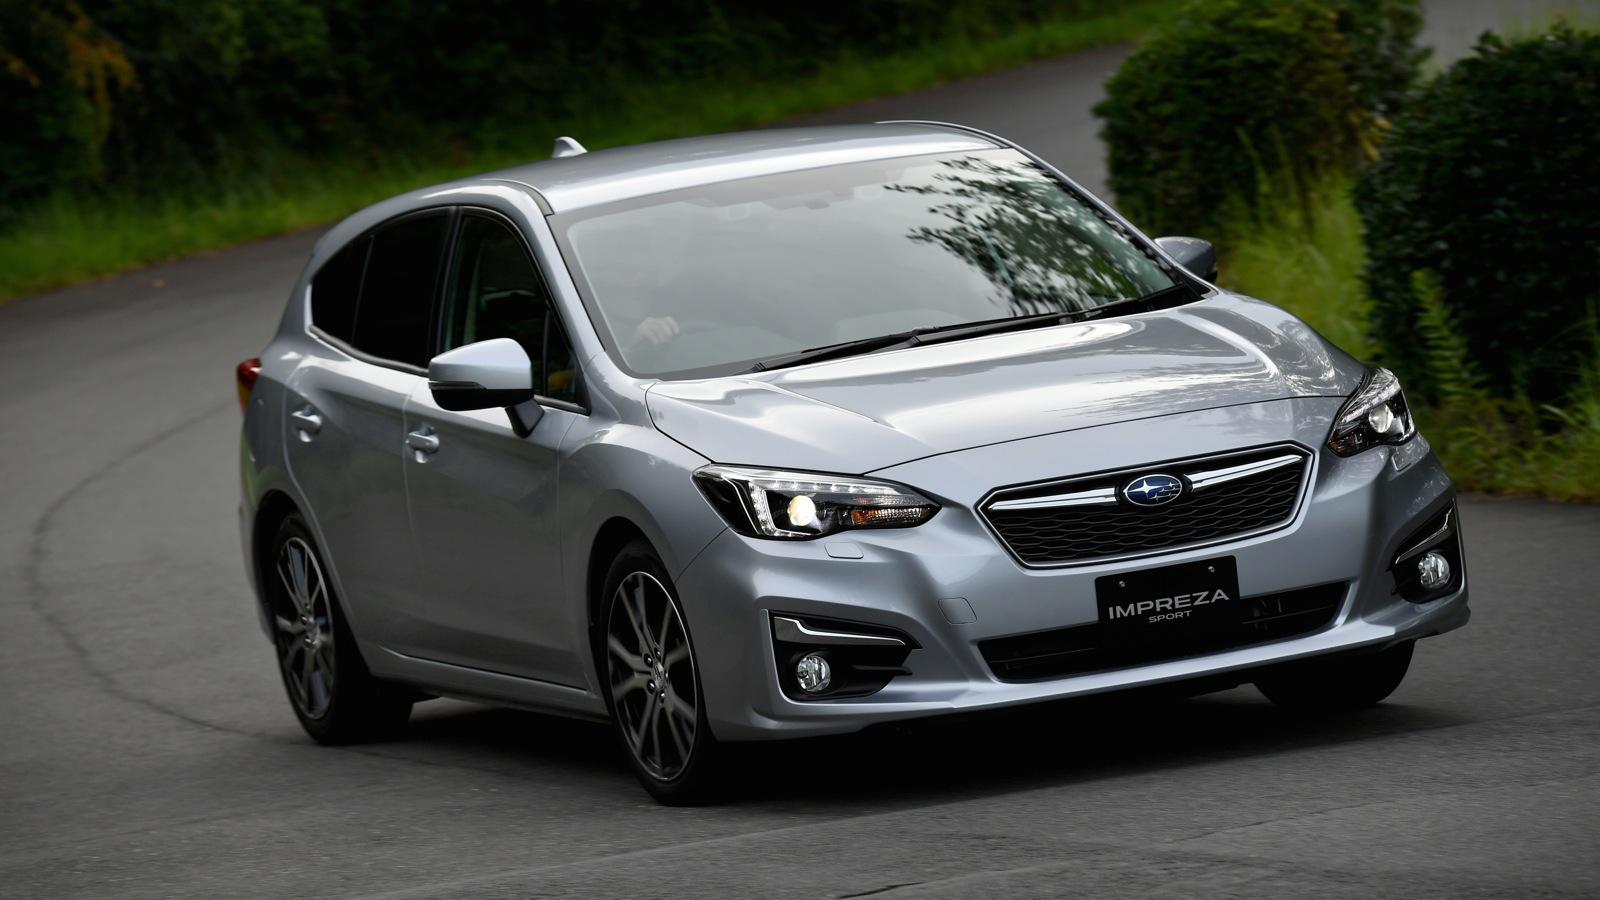 Самым практичным автомобилем 2017 года специалисты  назвали Субару  Impreza